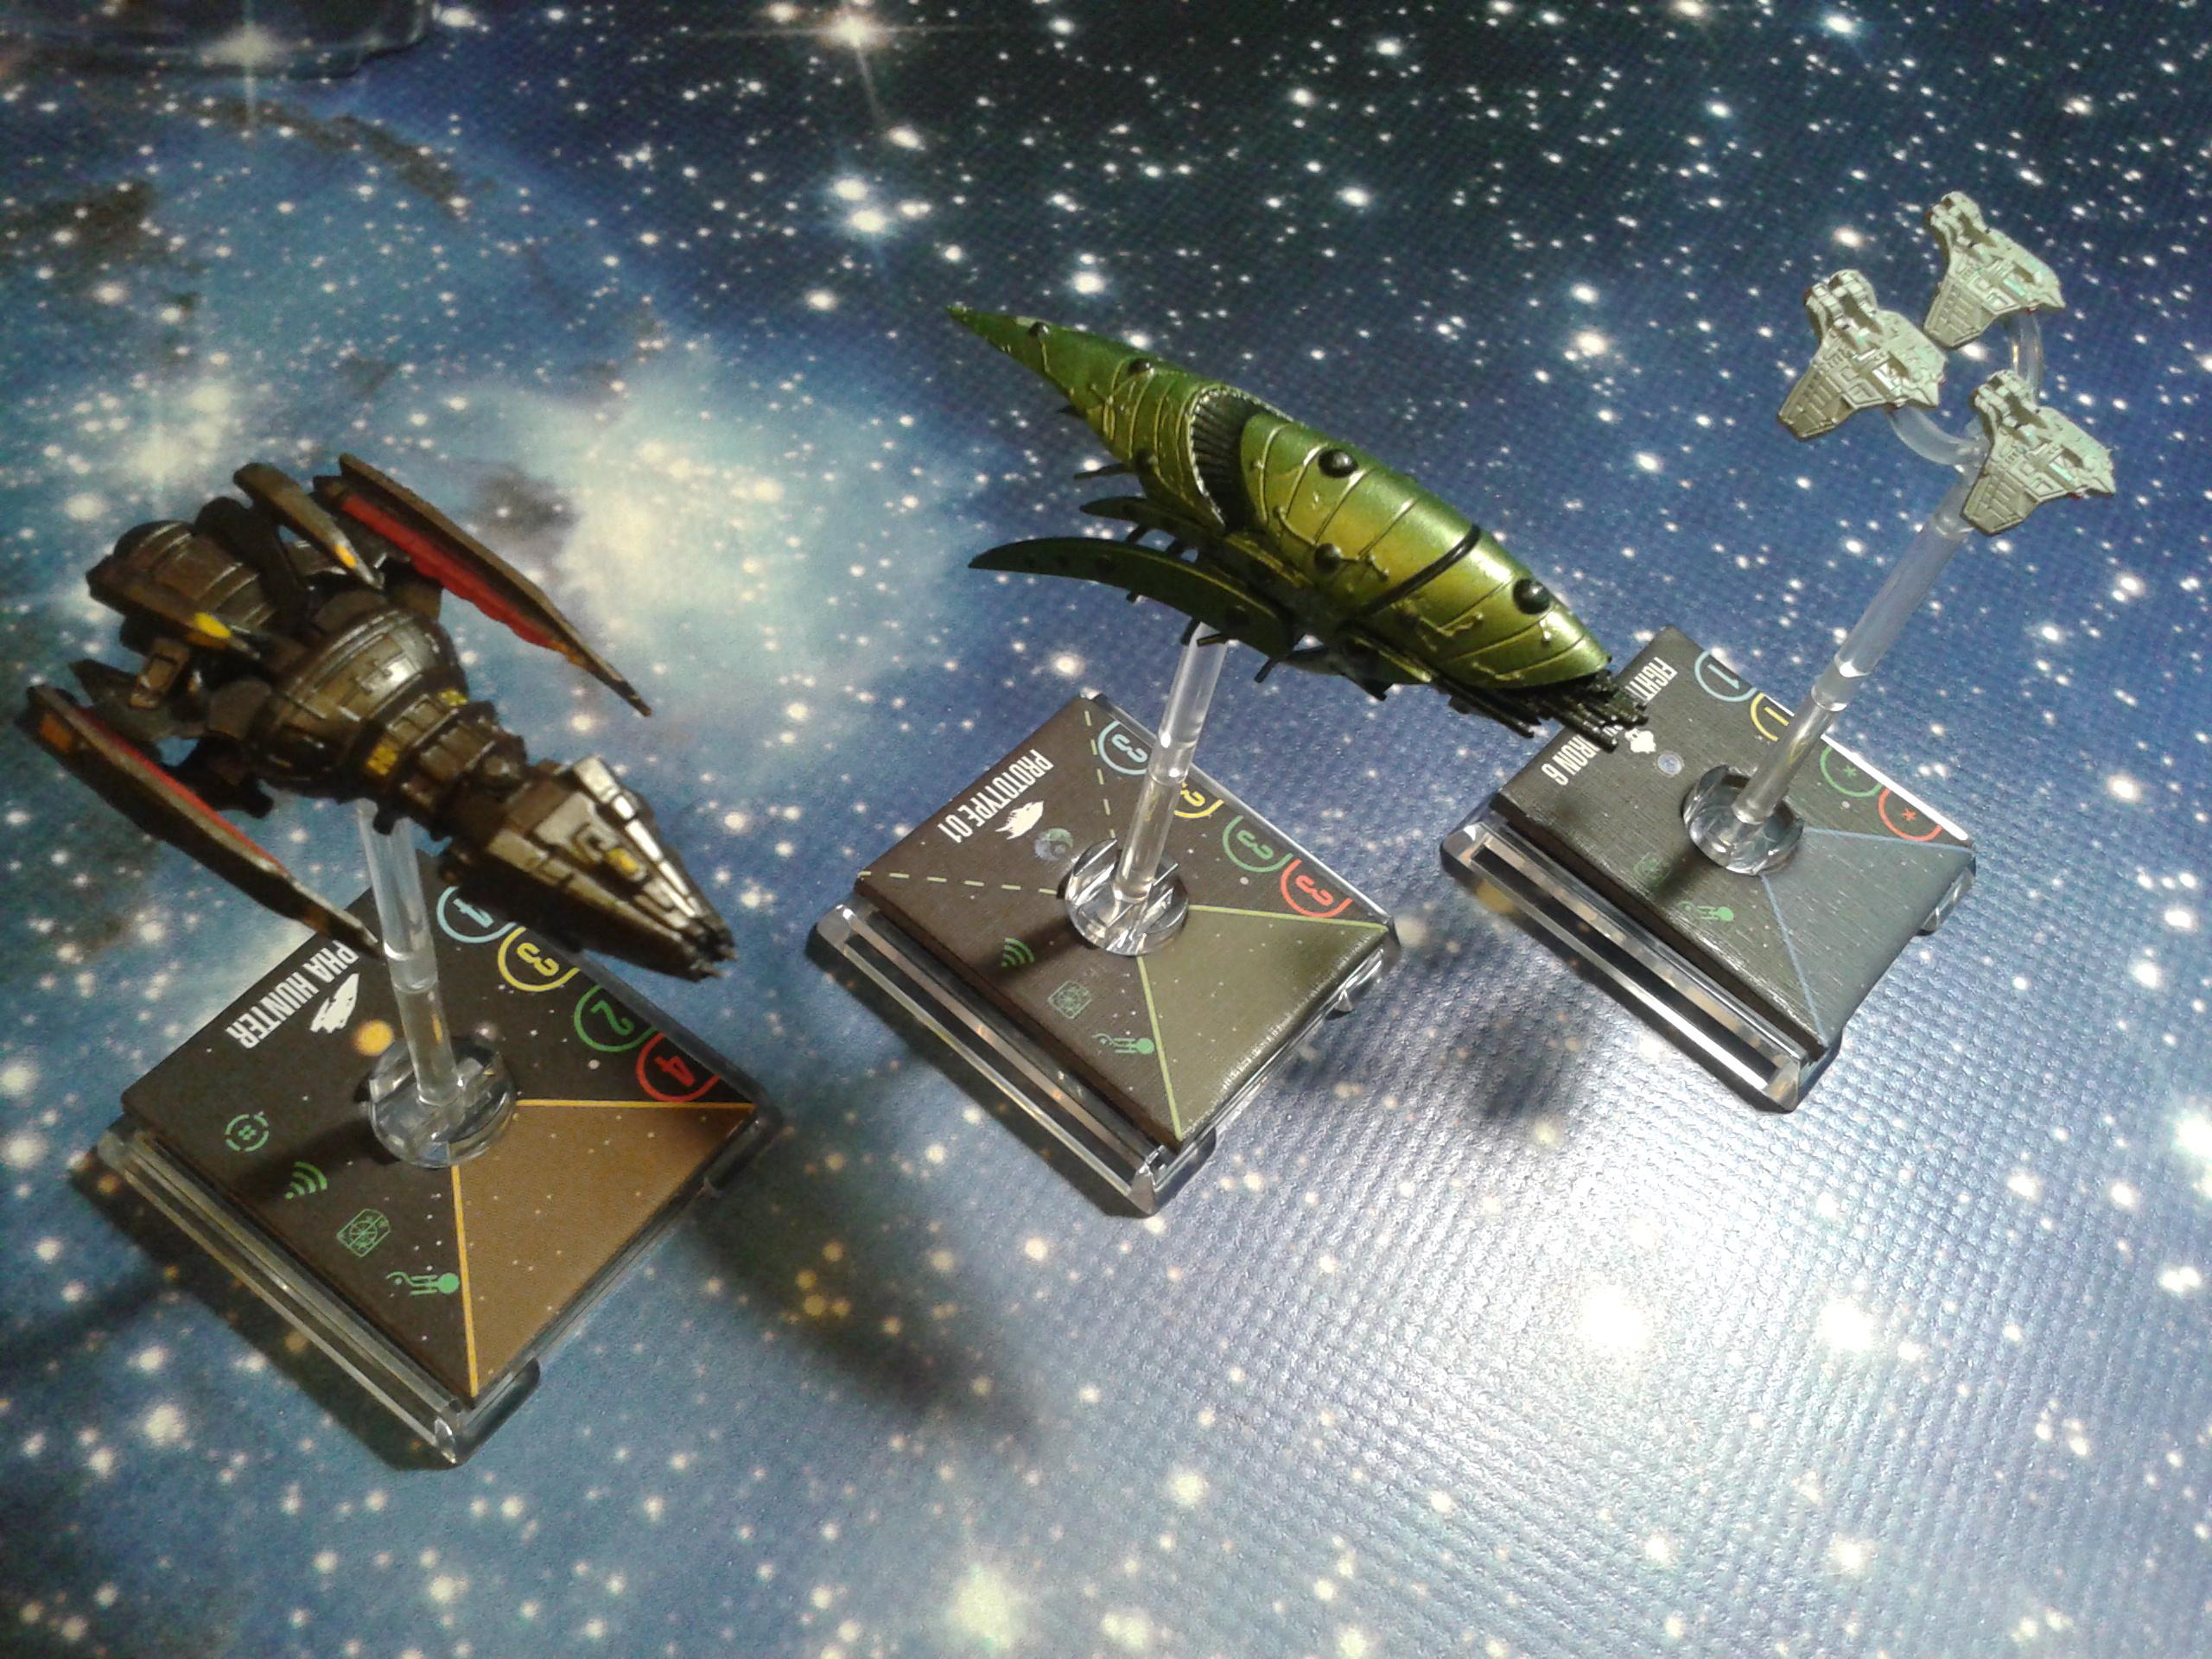 (Star Trek Attack Wing auf) Weiterspielen.net - Seite 4 20150204_172924